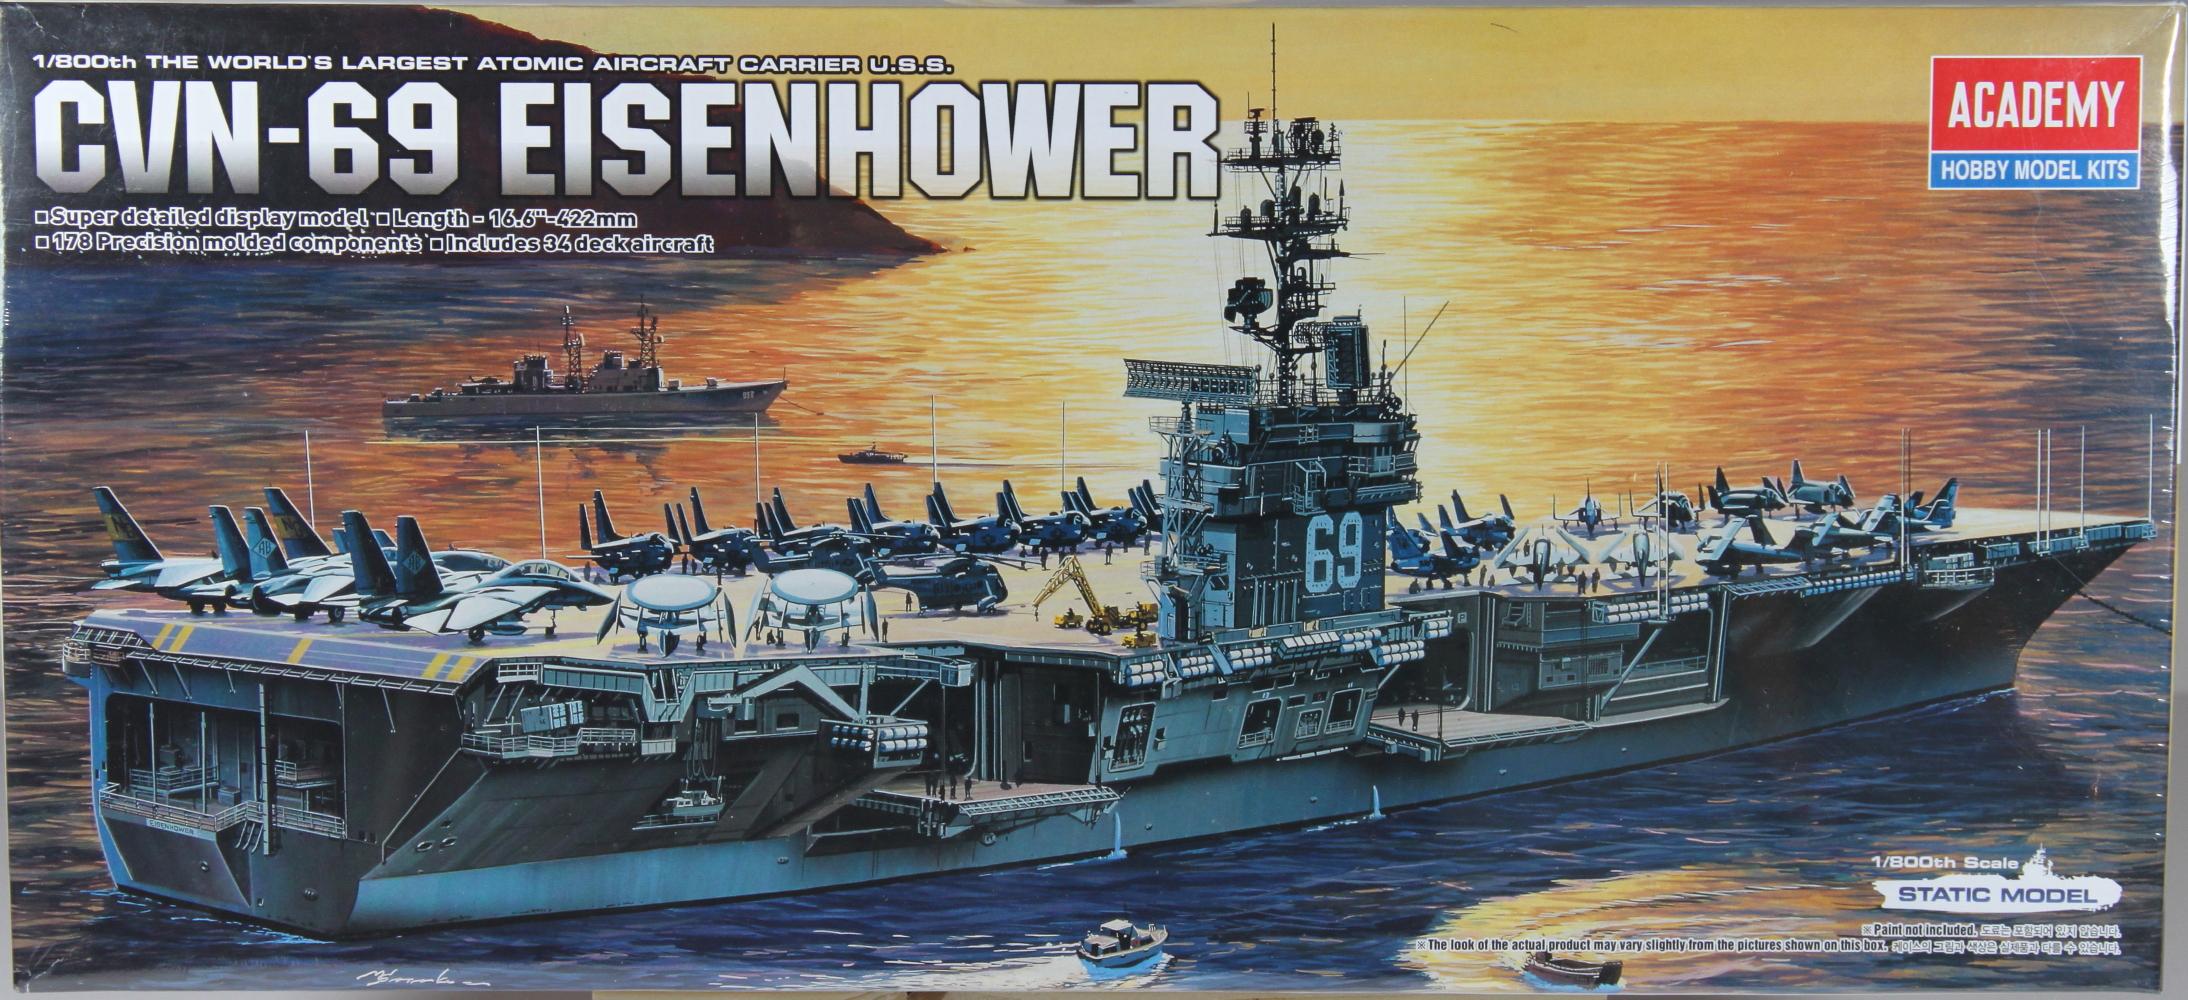 AIRCRAFT CARRIER - USS EISENHOWER  (1:800)